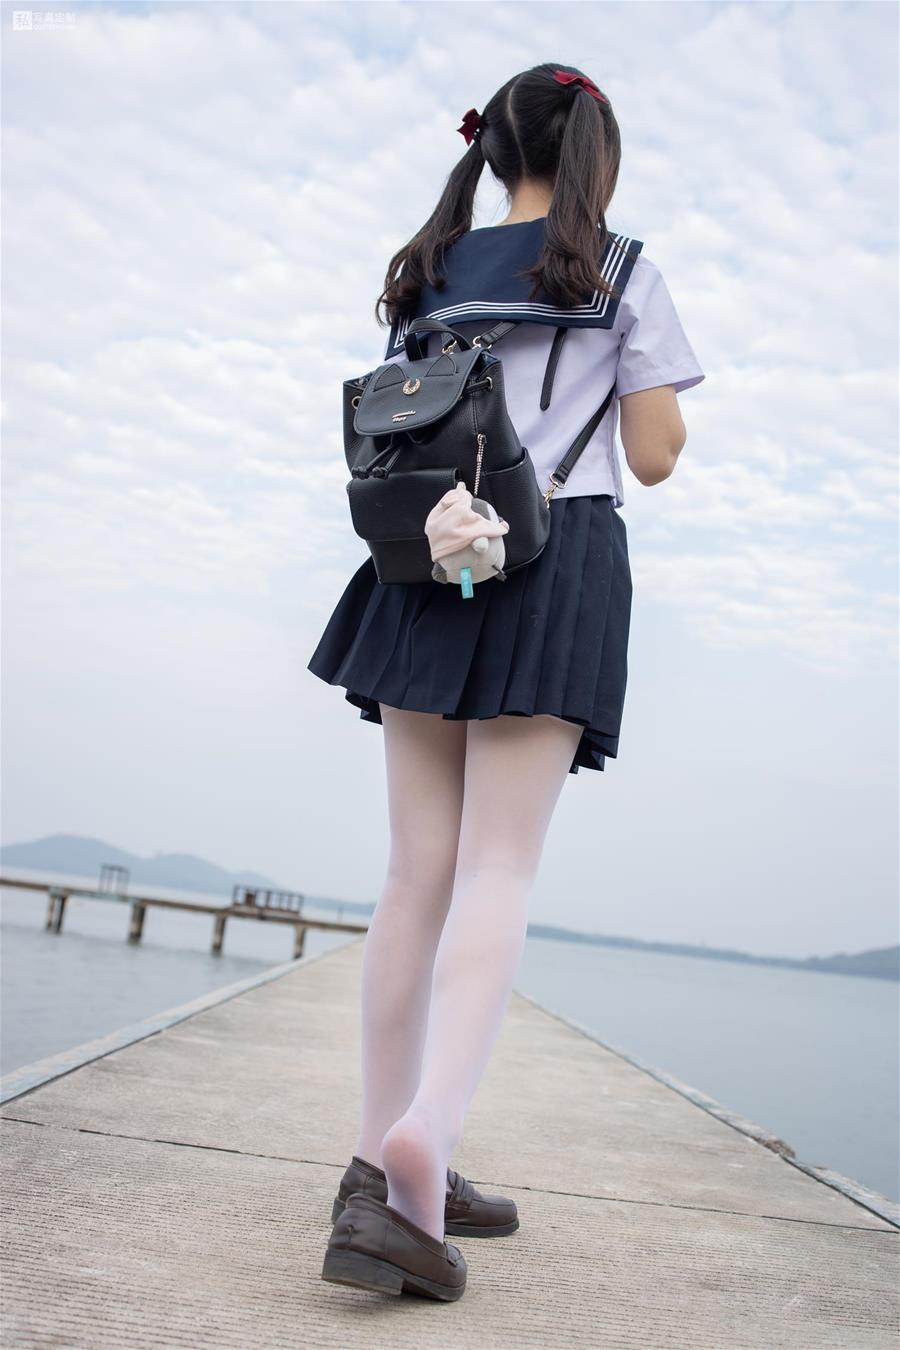 森萝财团 JKFUN-028 默陌 15D白丝 抑郁湖边与绝望天台 [58P1V-1.75GB] 森萝财团-第2张